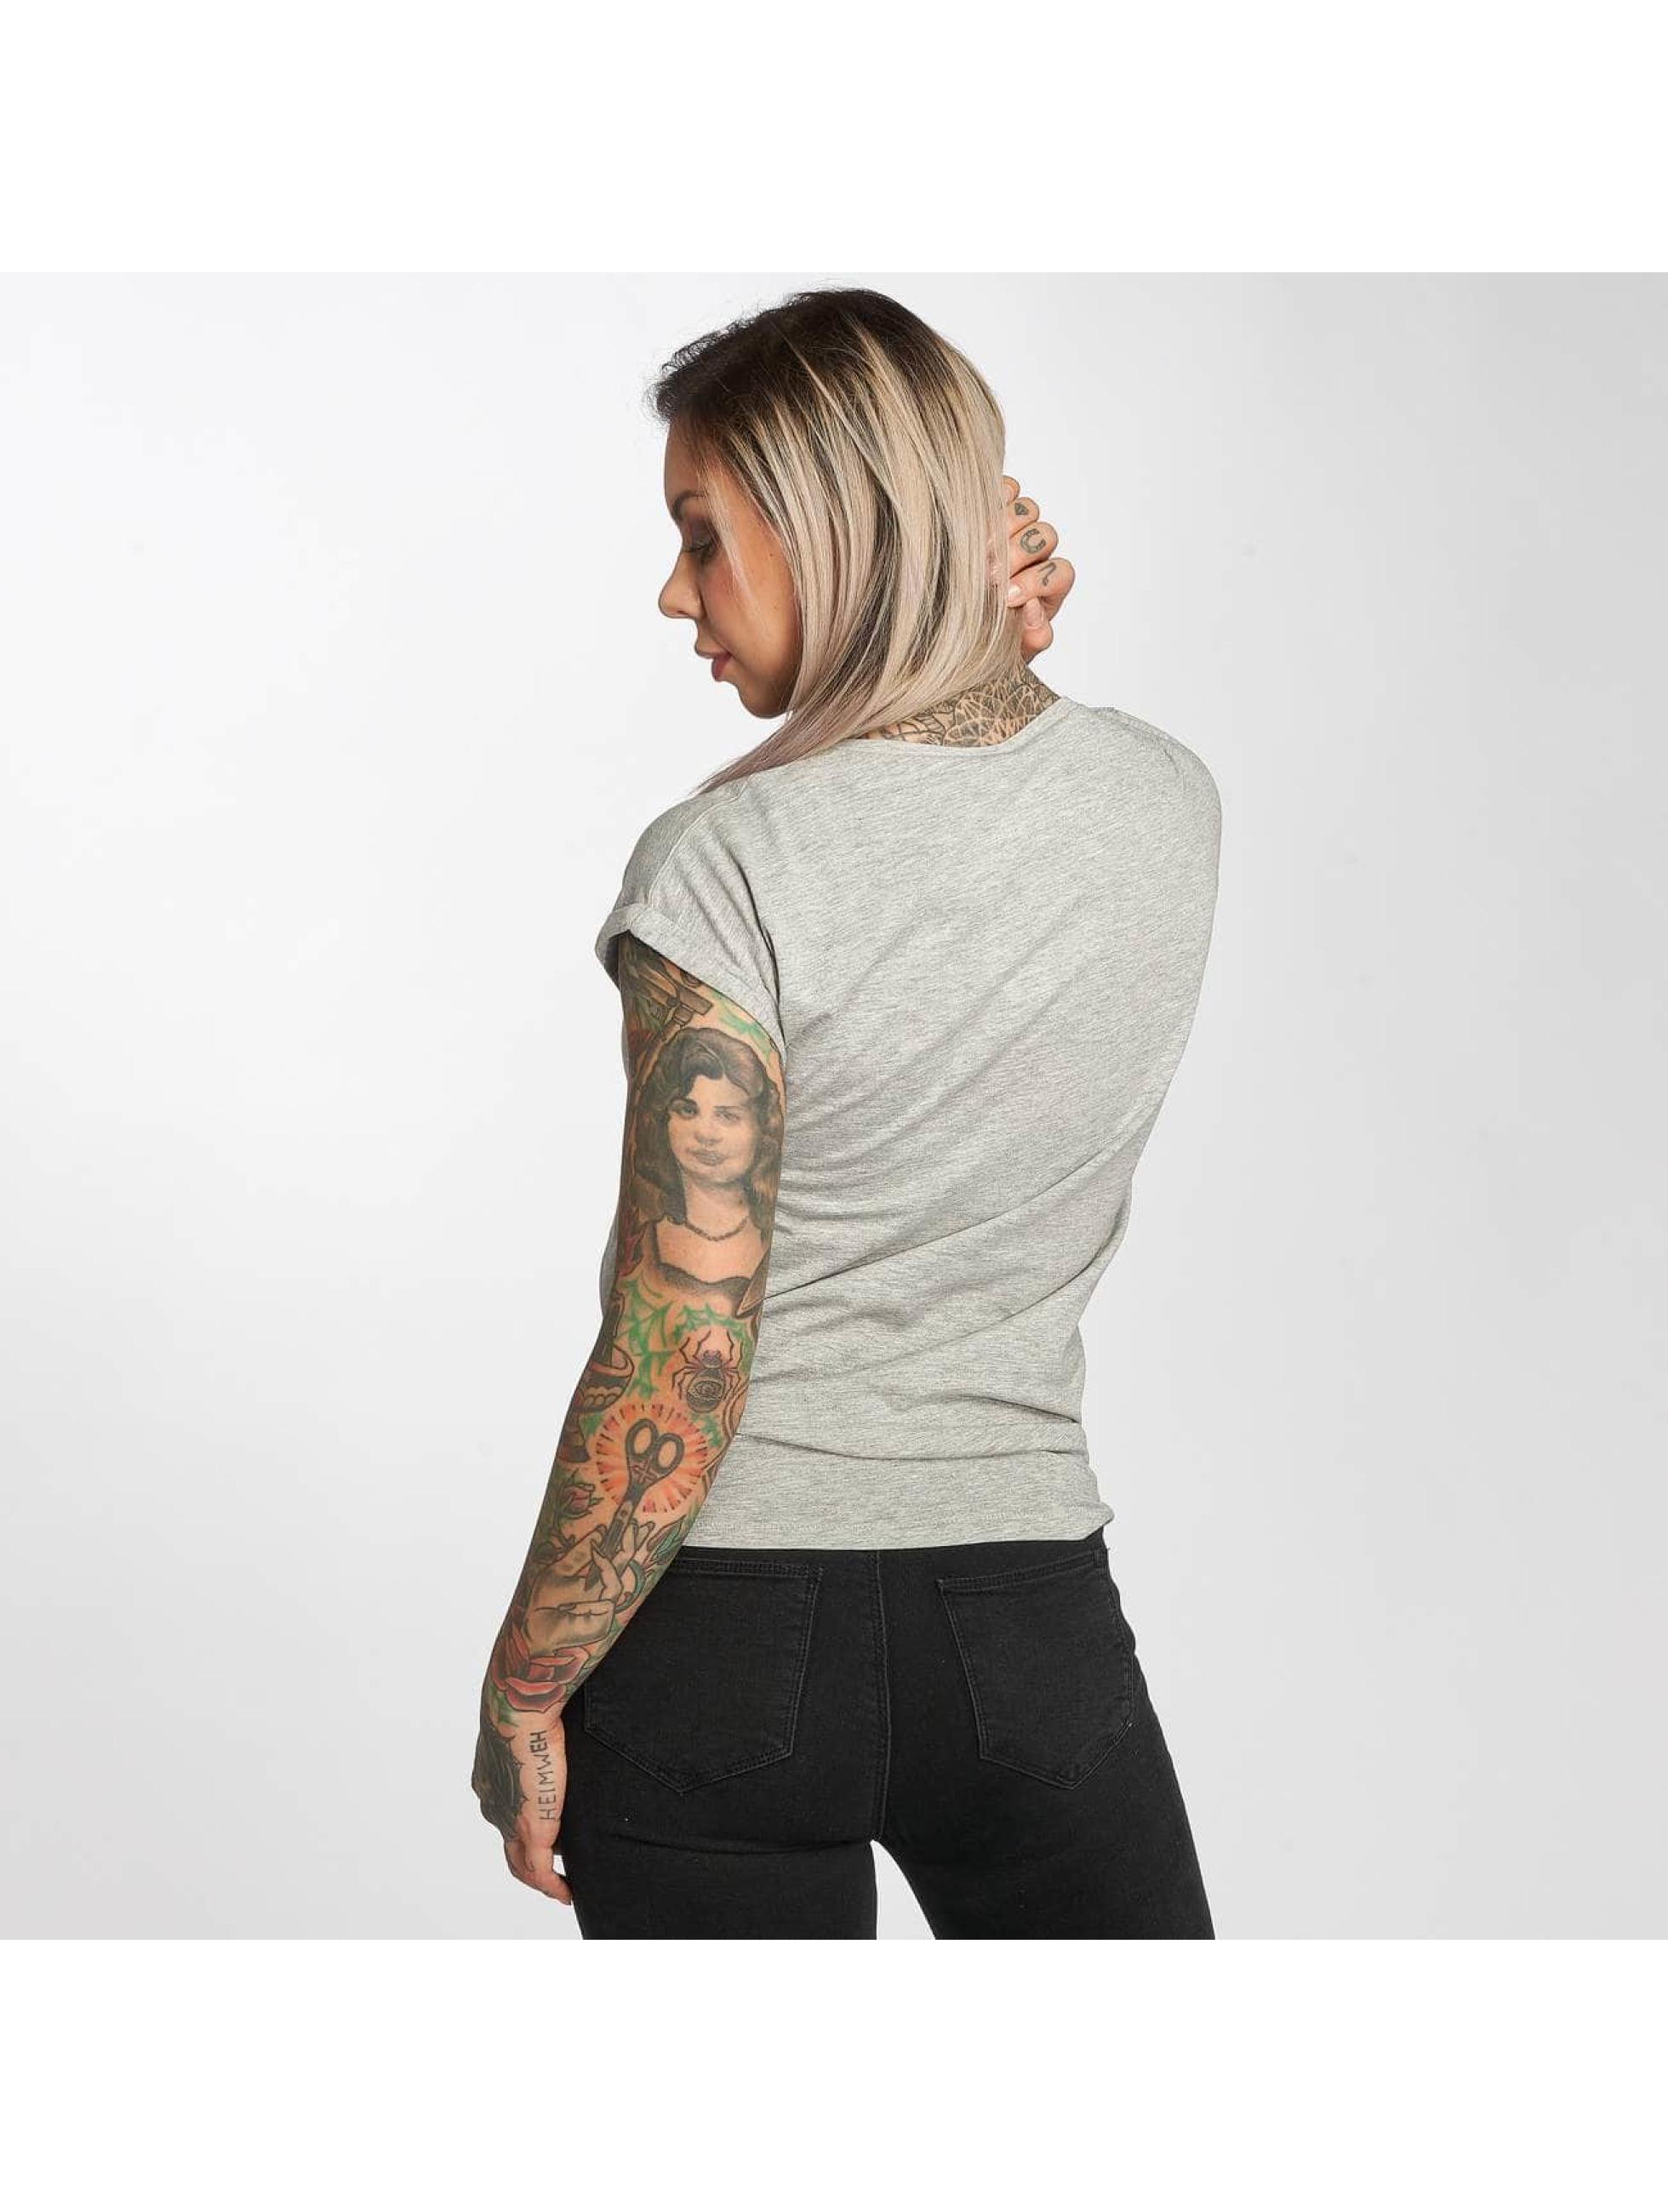 Mister Tee T-Shirt Justin Bieber gray